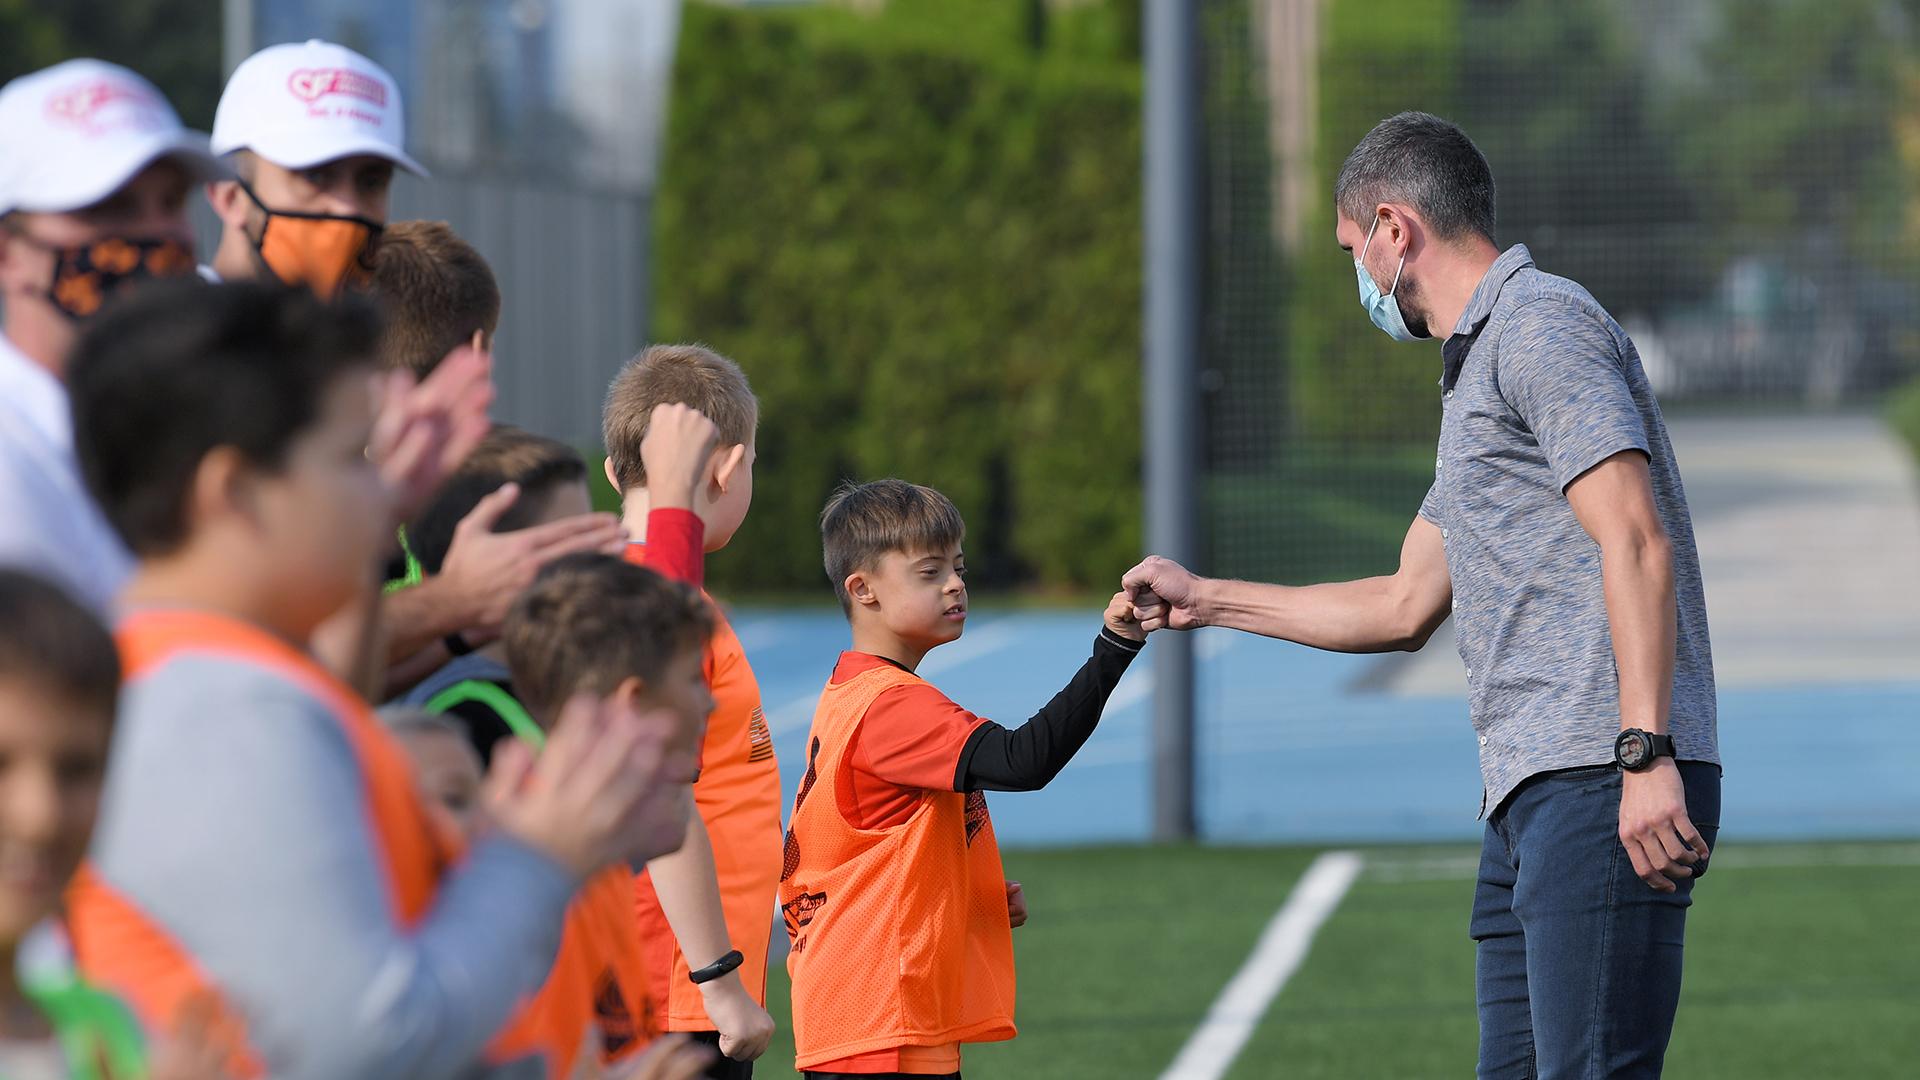 Сергей Кривцов поиграл в футбол с детьми с особенностями развития (Фото) - изображение 2